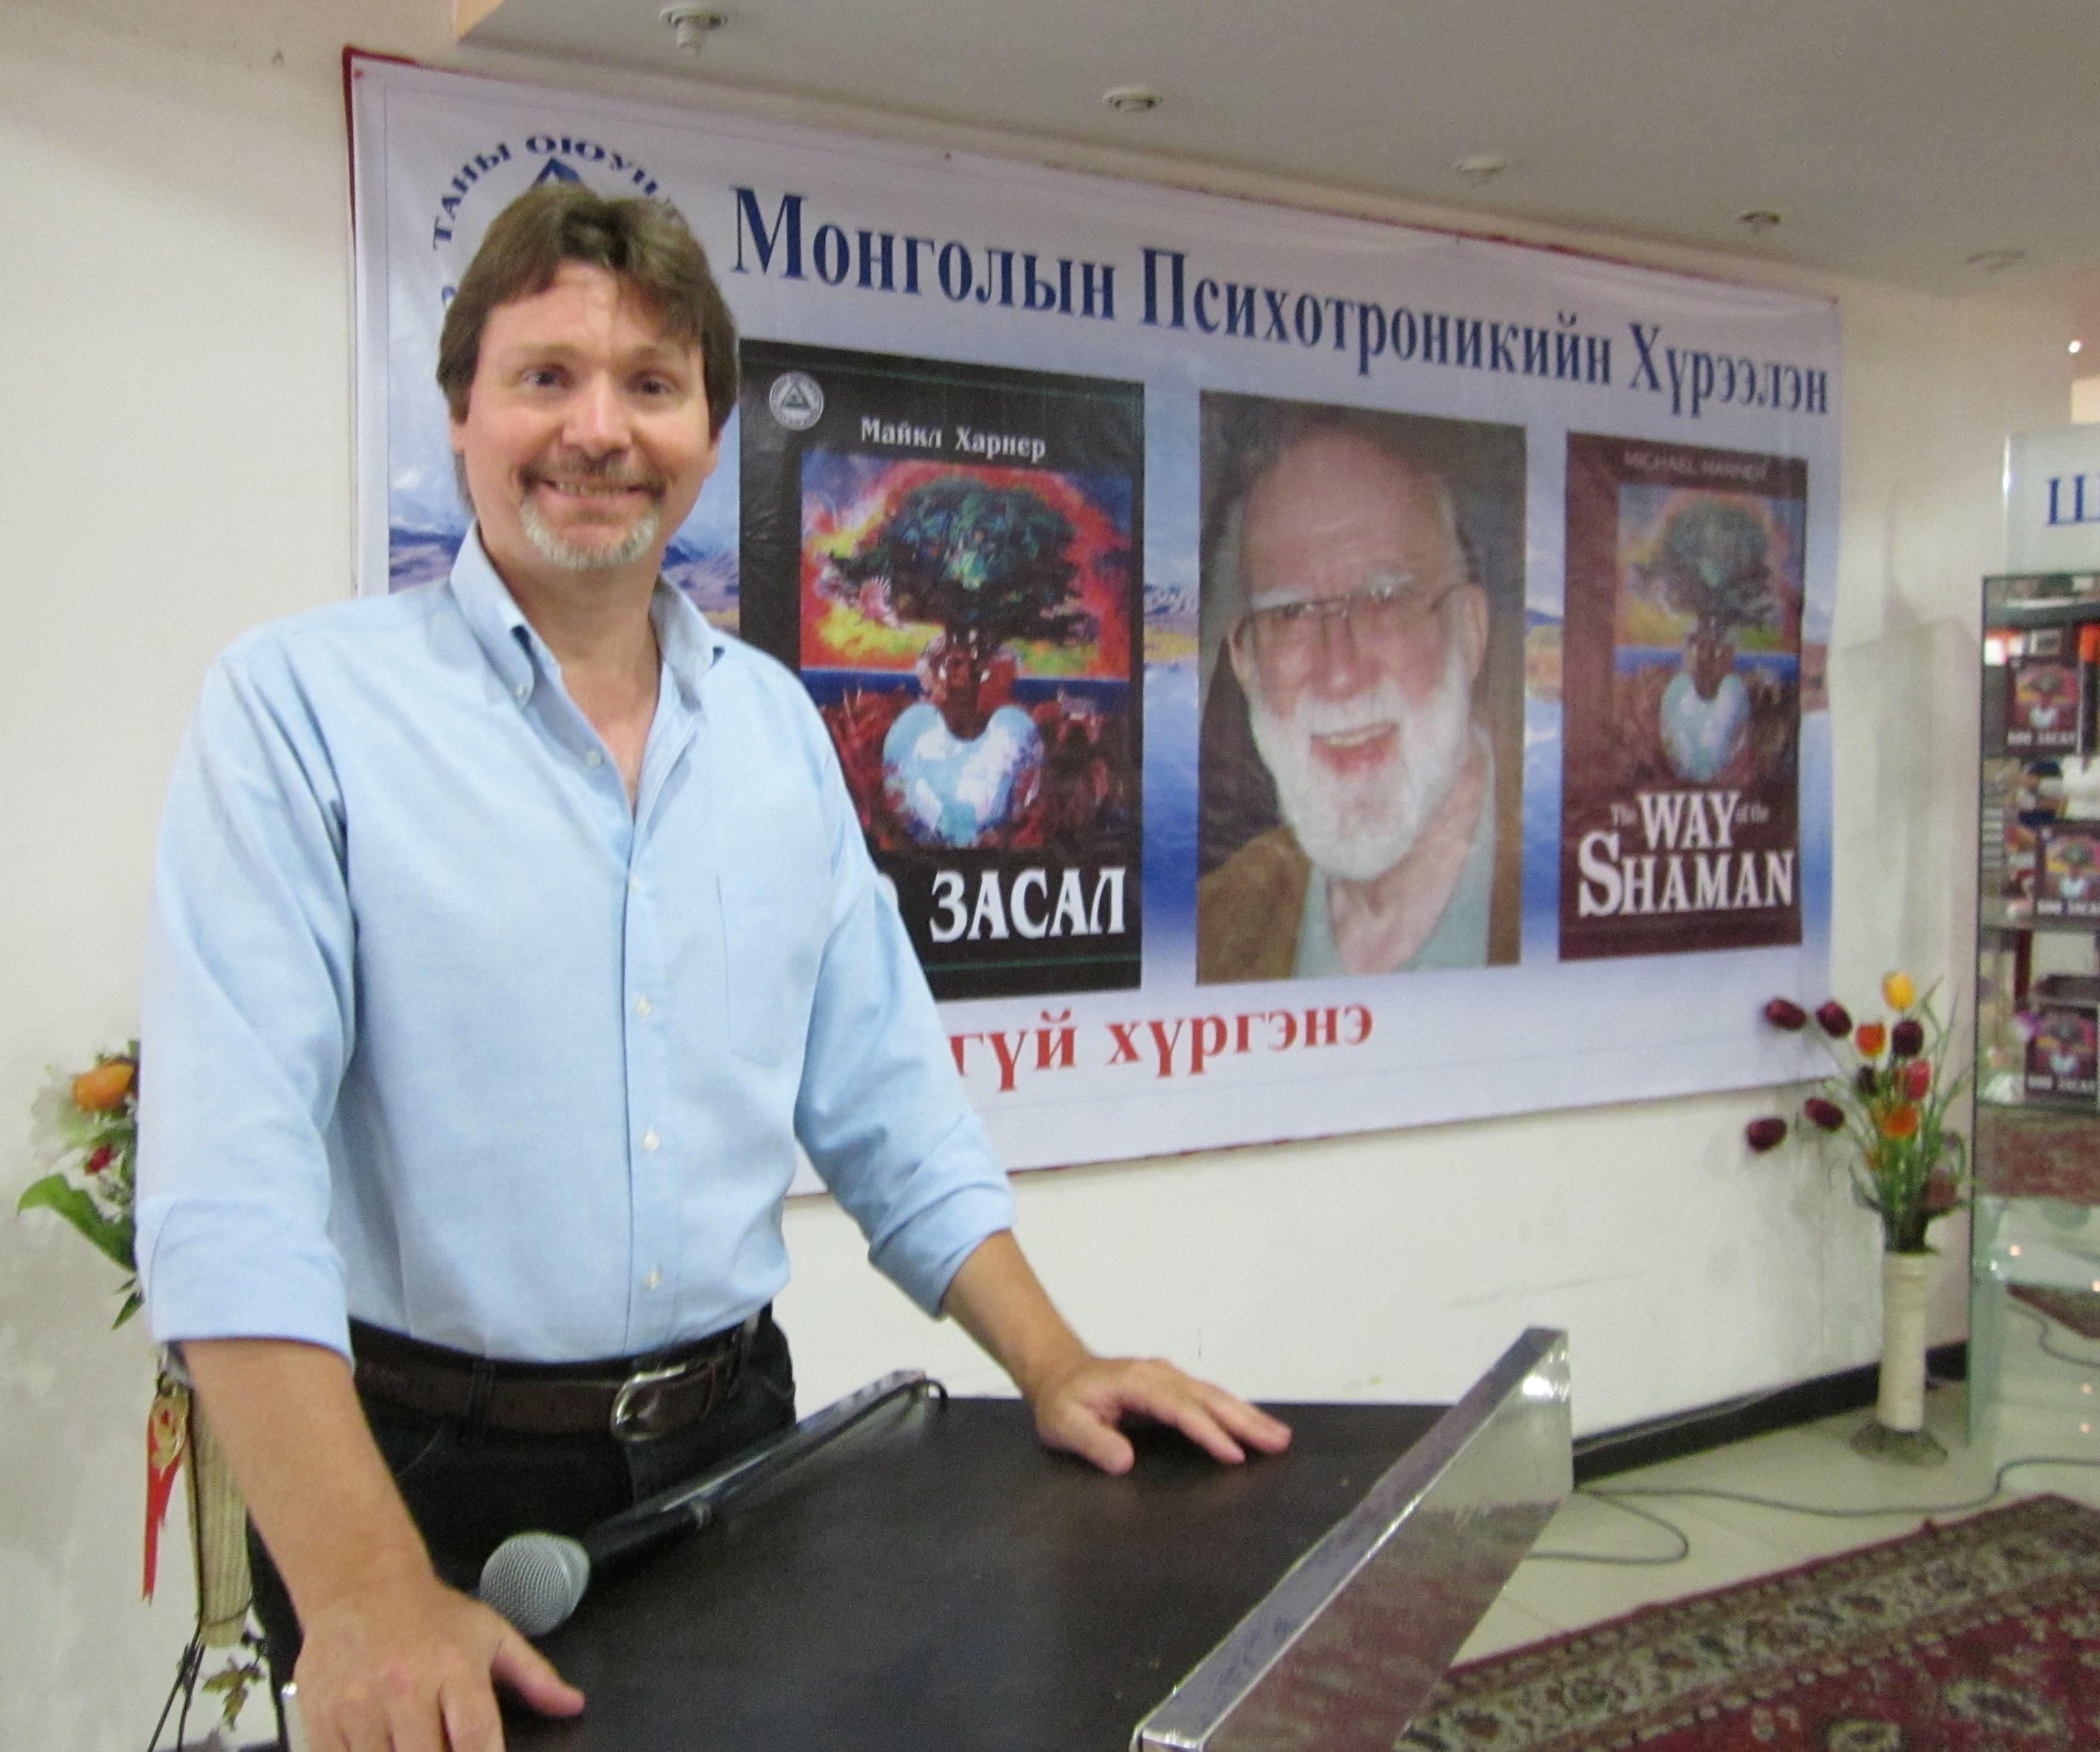 Mongolia talk